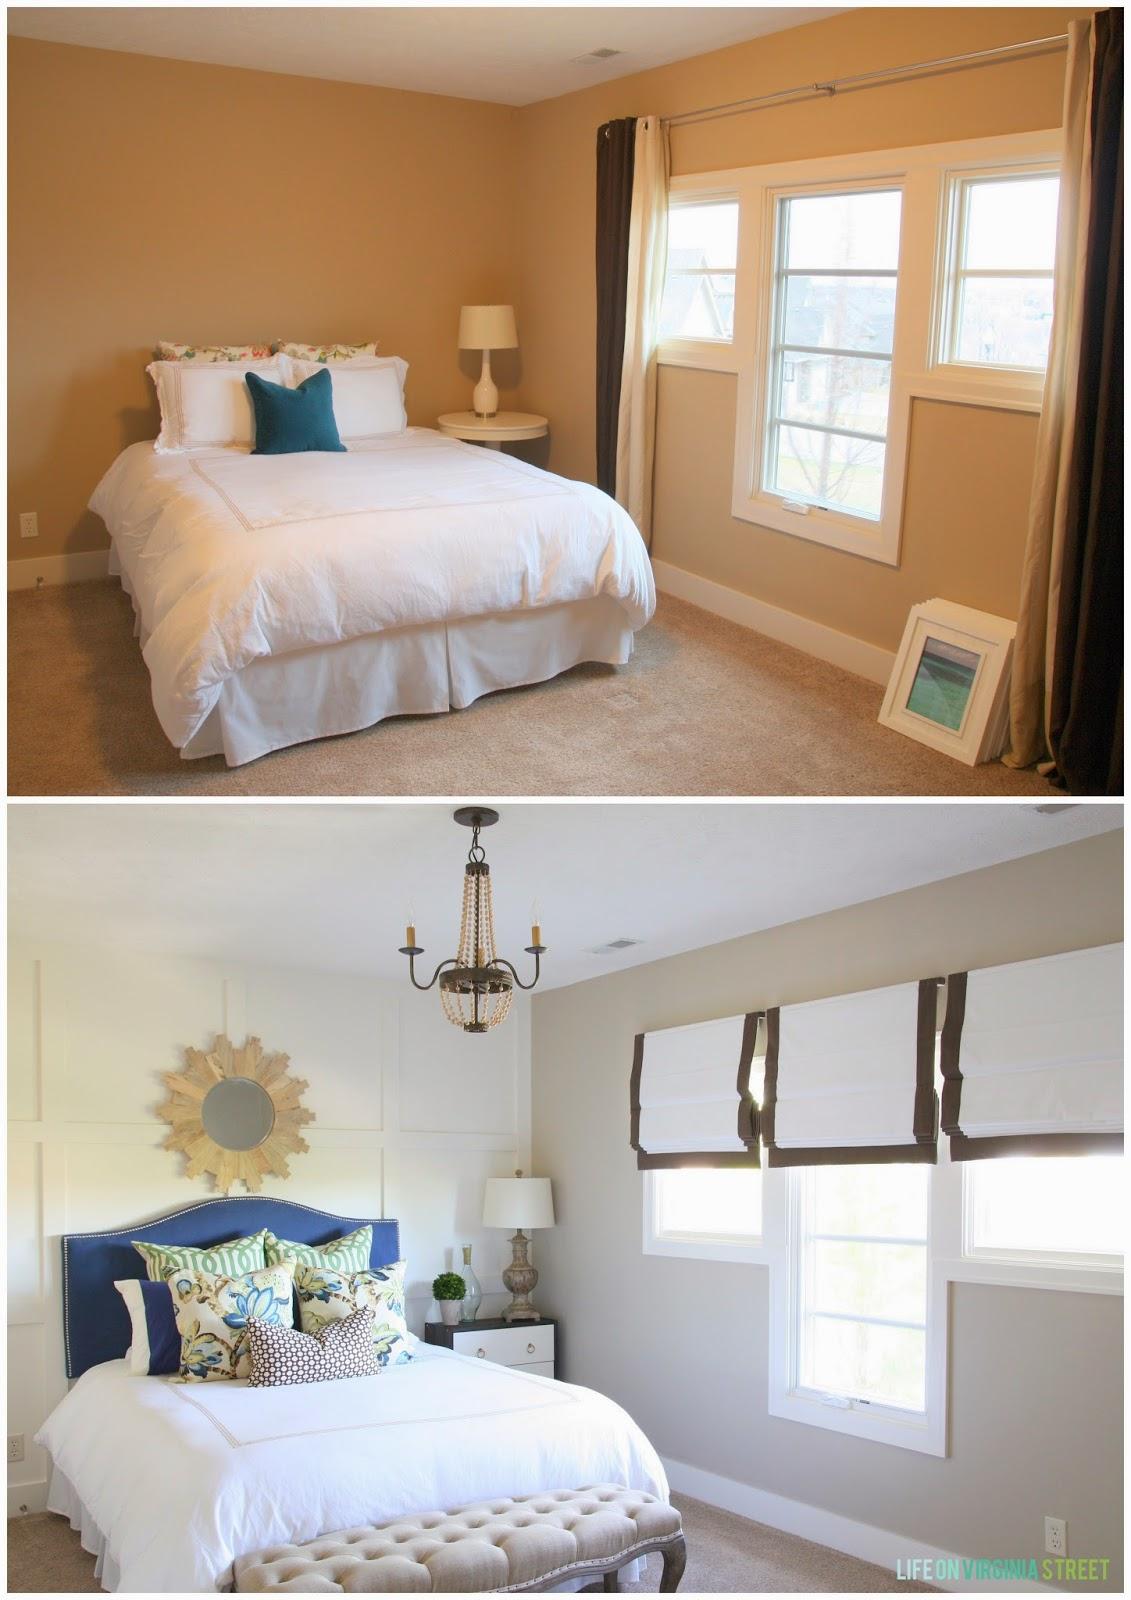 10 Beautiful Room Makeovers {Life on Virginia Street ... on Makeup Bedroom  id=18419